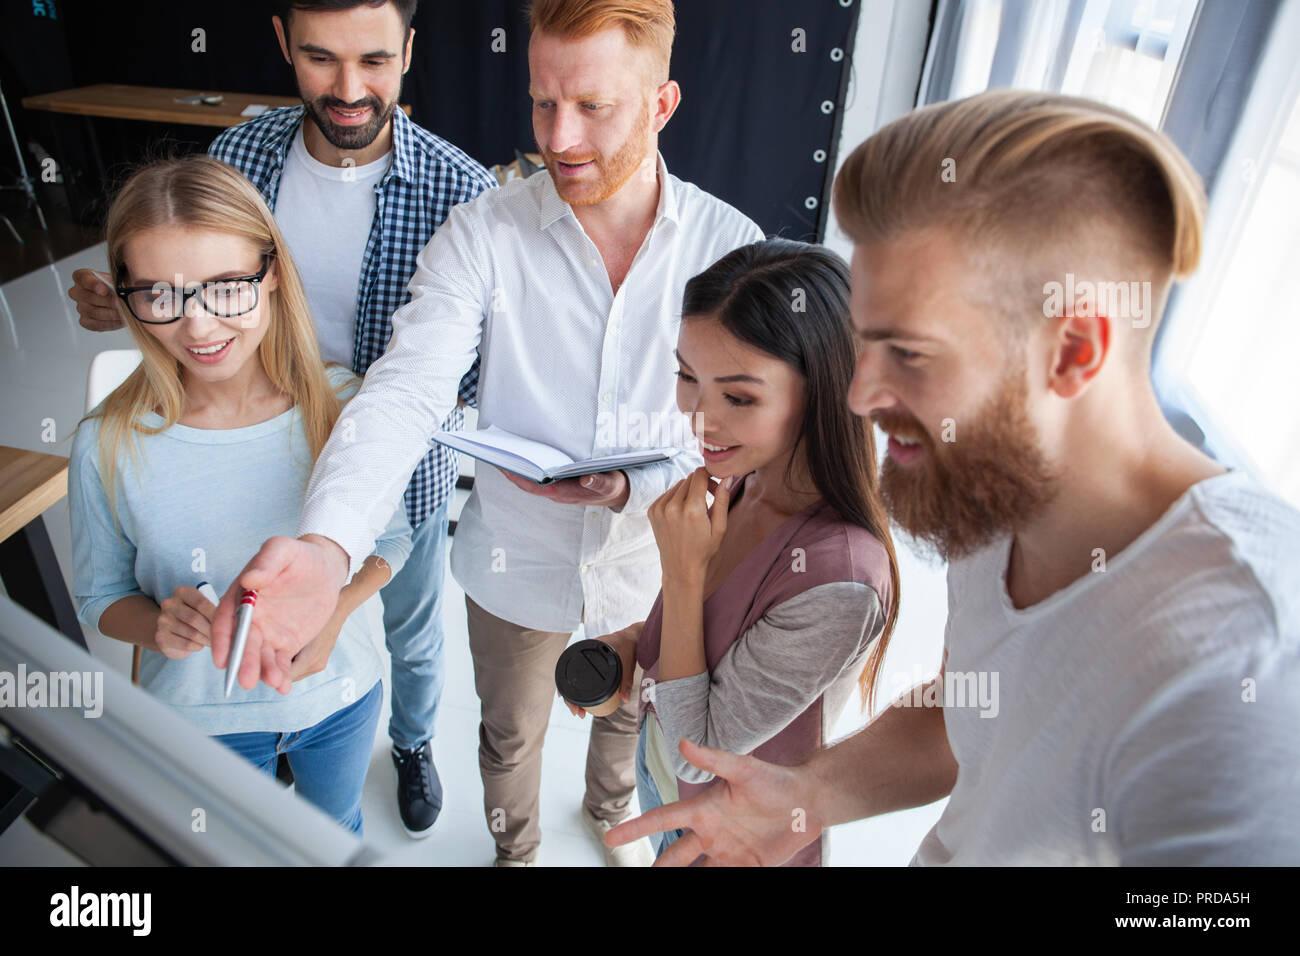 Gruppe von jungen Kollegen und lässig gekleidet stehen zusammen in modernen Büro- und Brainstorming. Stockbild